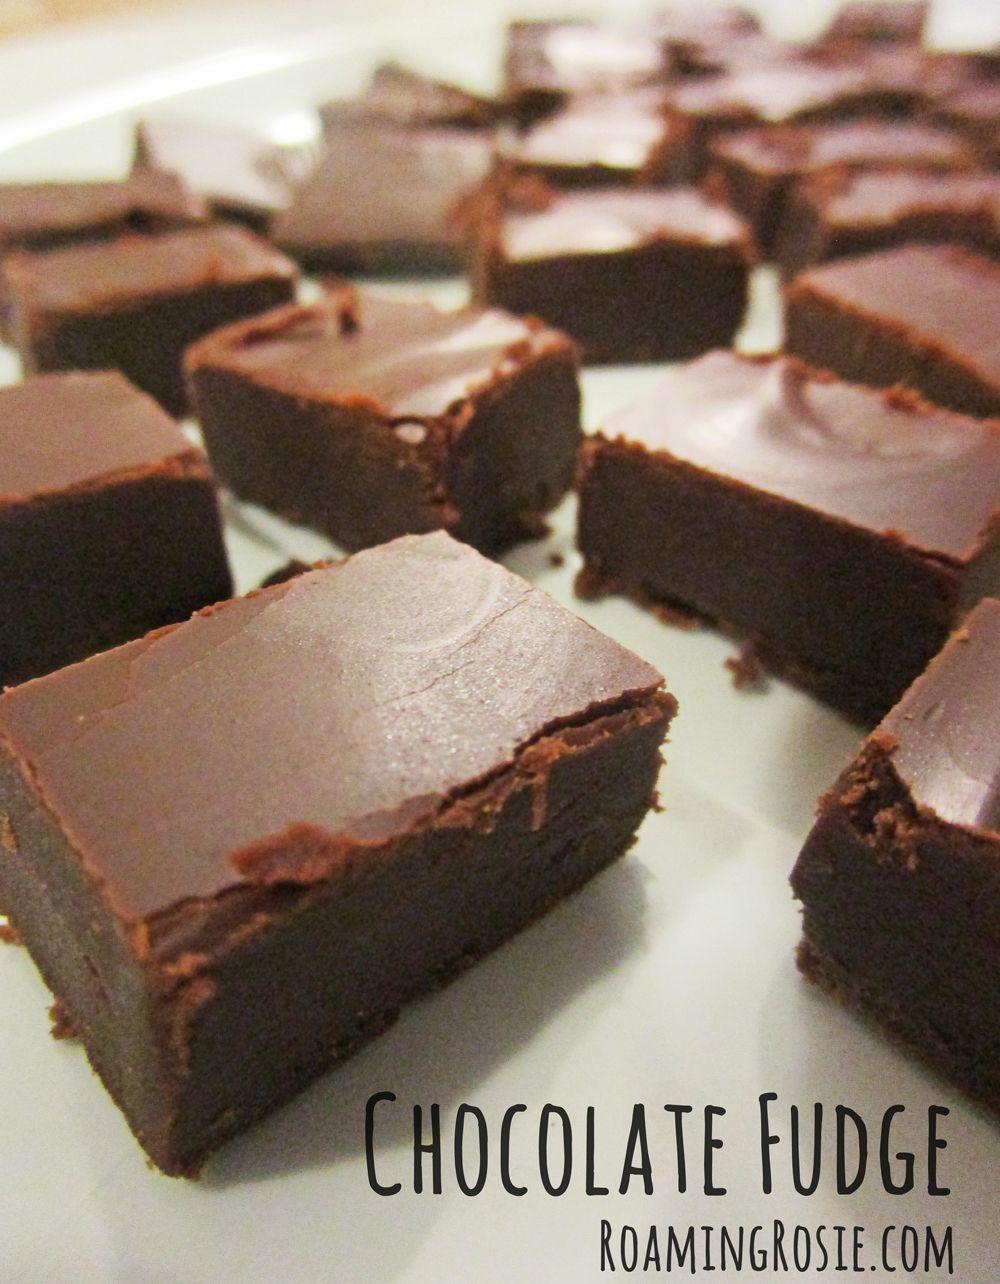 Easy Milk Chocolate Fudge Recipes Fudge Recipes Fudge Recipes Chocolate Fudge Recipe Without Condensed Milk